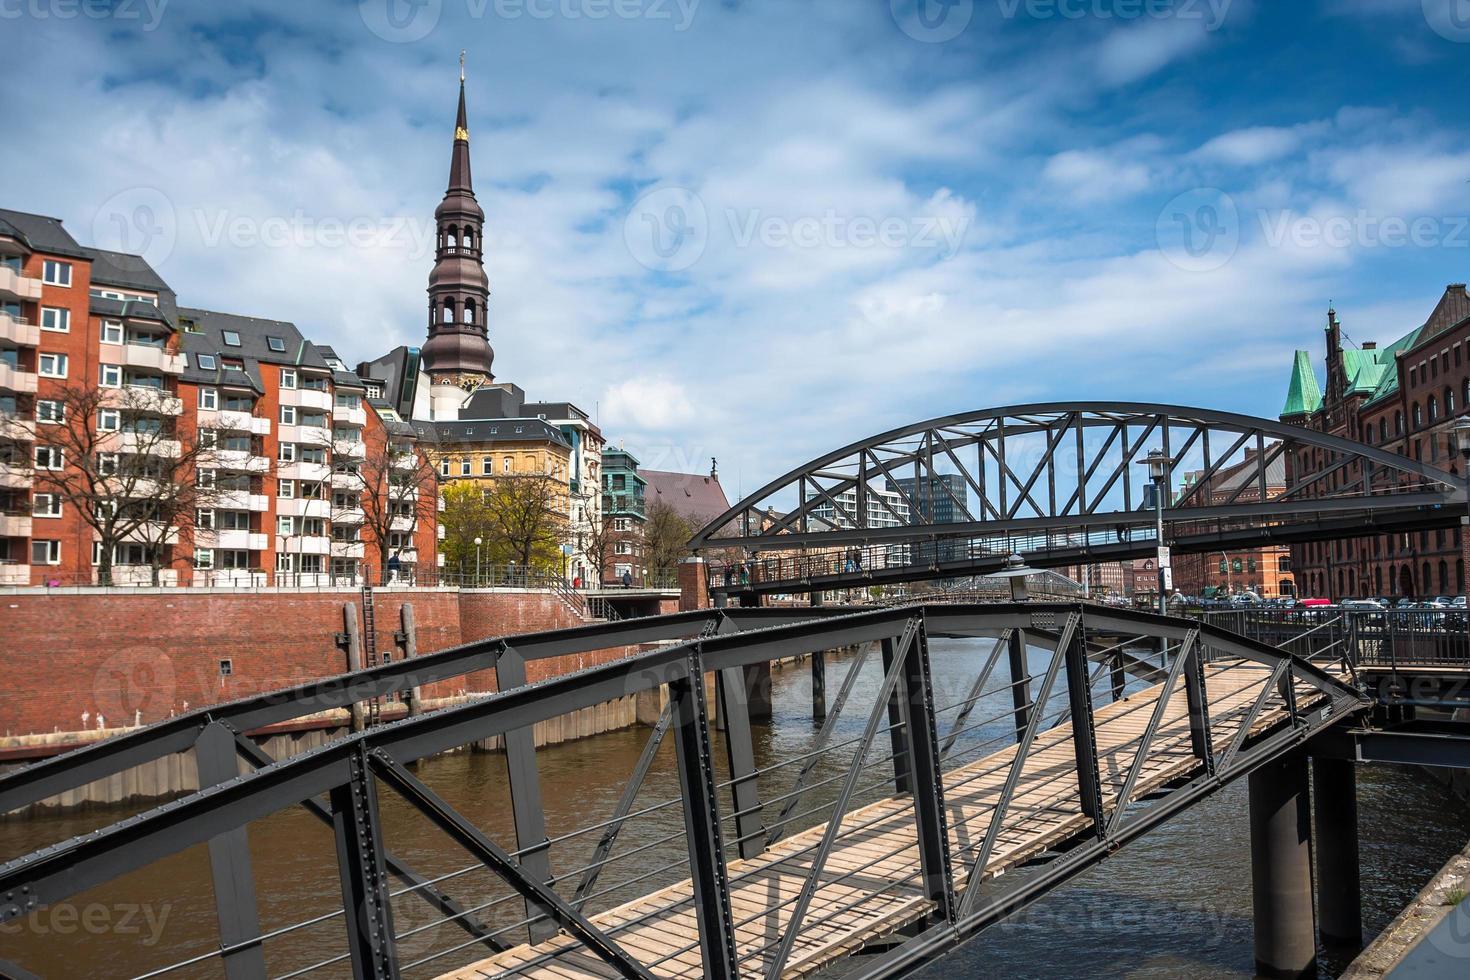 pont et église de st. Catherine à Hambourg, Allemagne photo